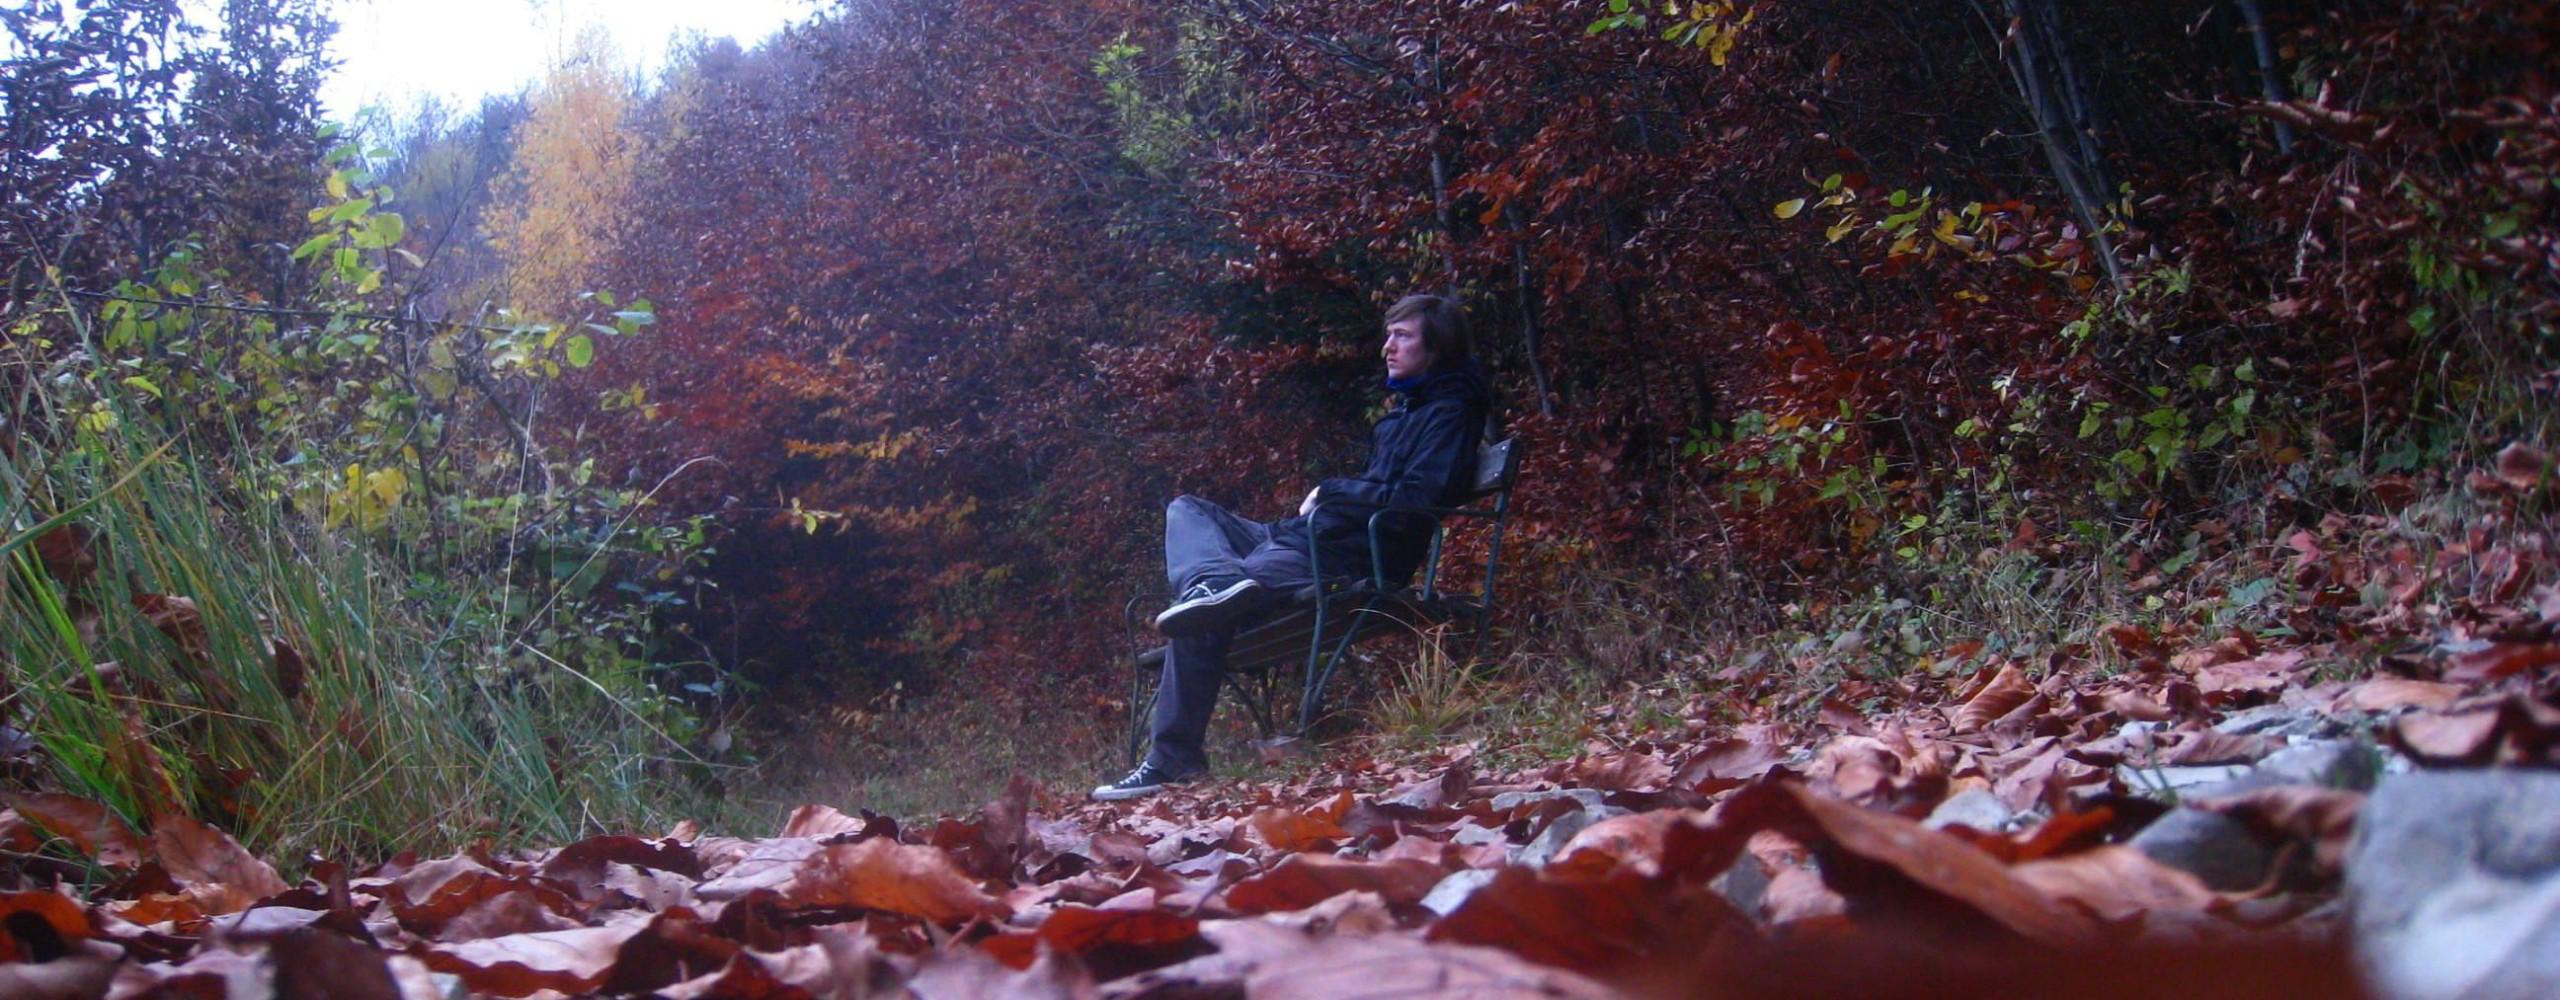 Loris im Herbst auf einer Parkbank